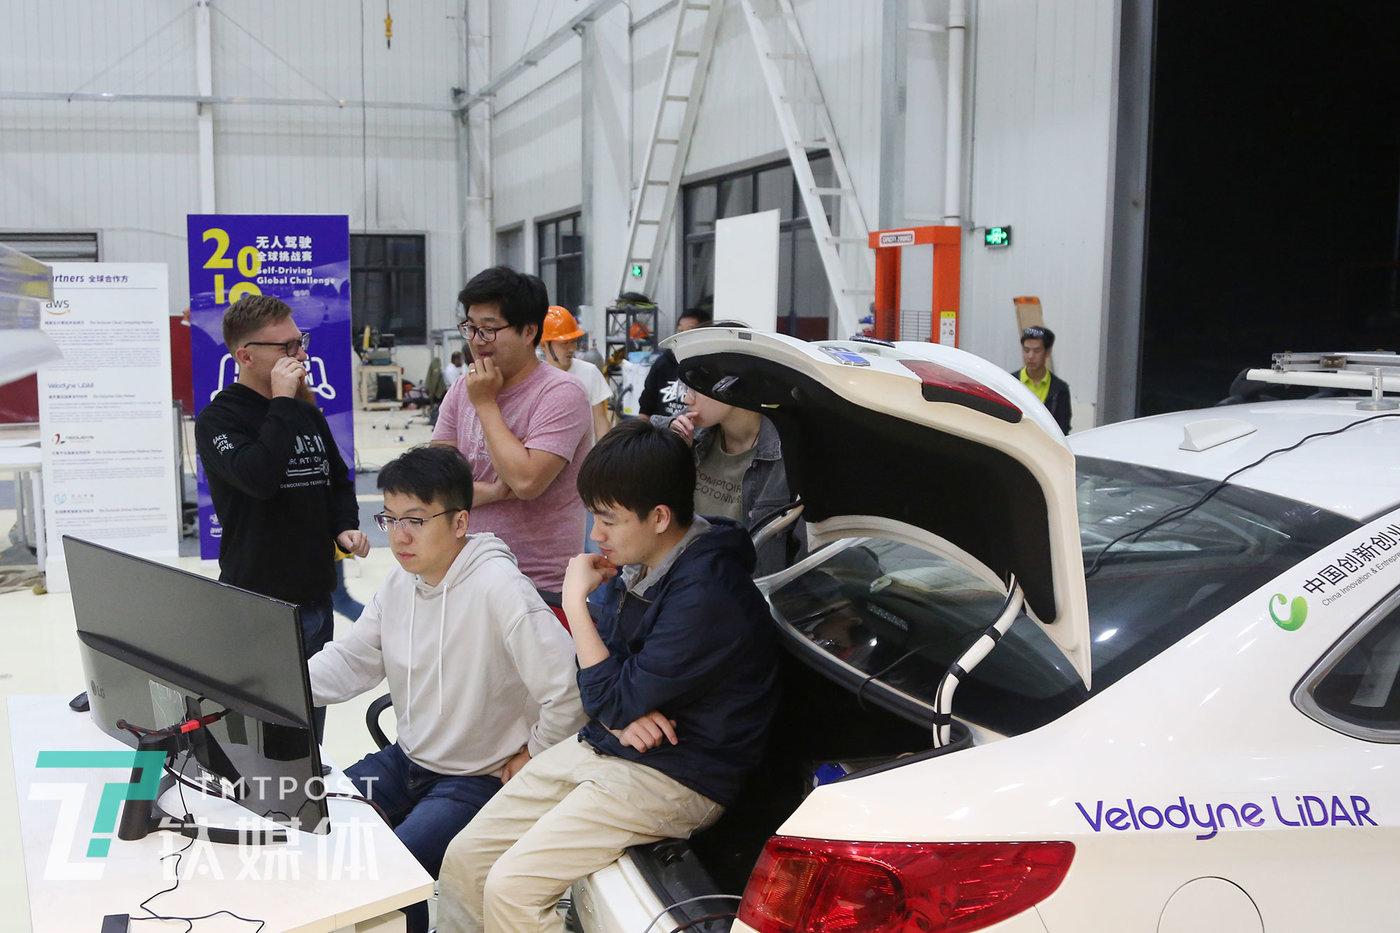 5月22日比赛第一天,贵州PIX无人驾驶智造工厂,D队全队在讨论赛事方案。